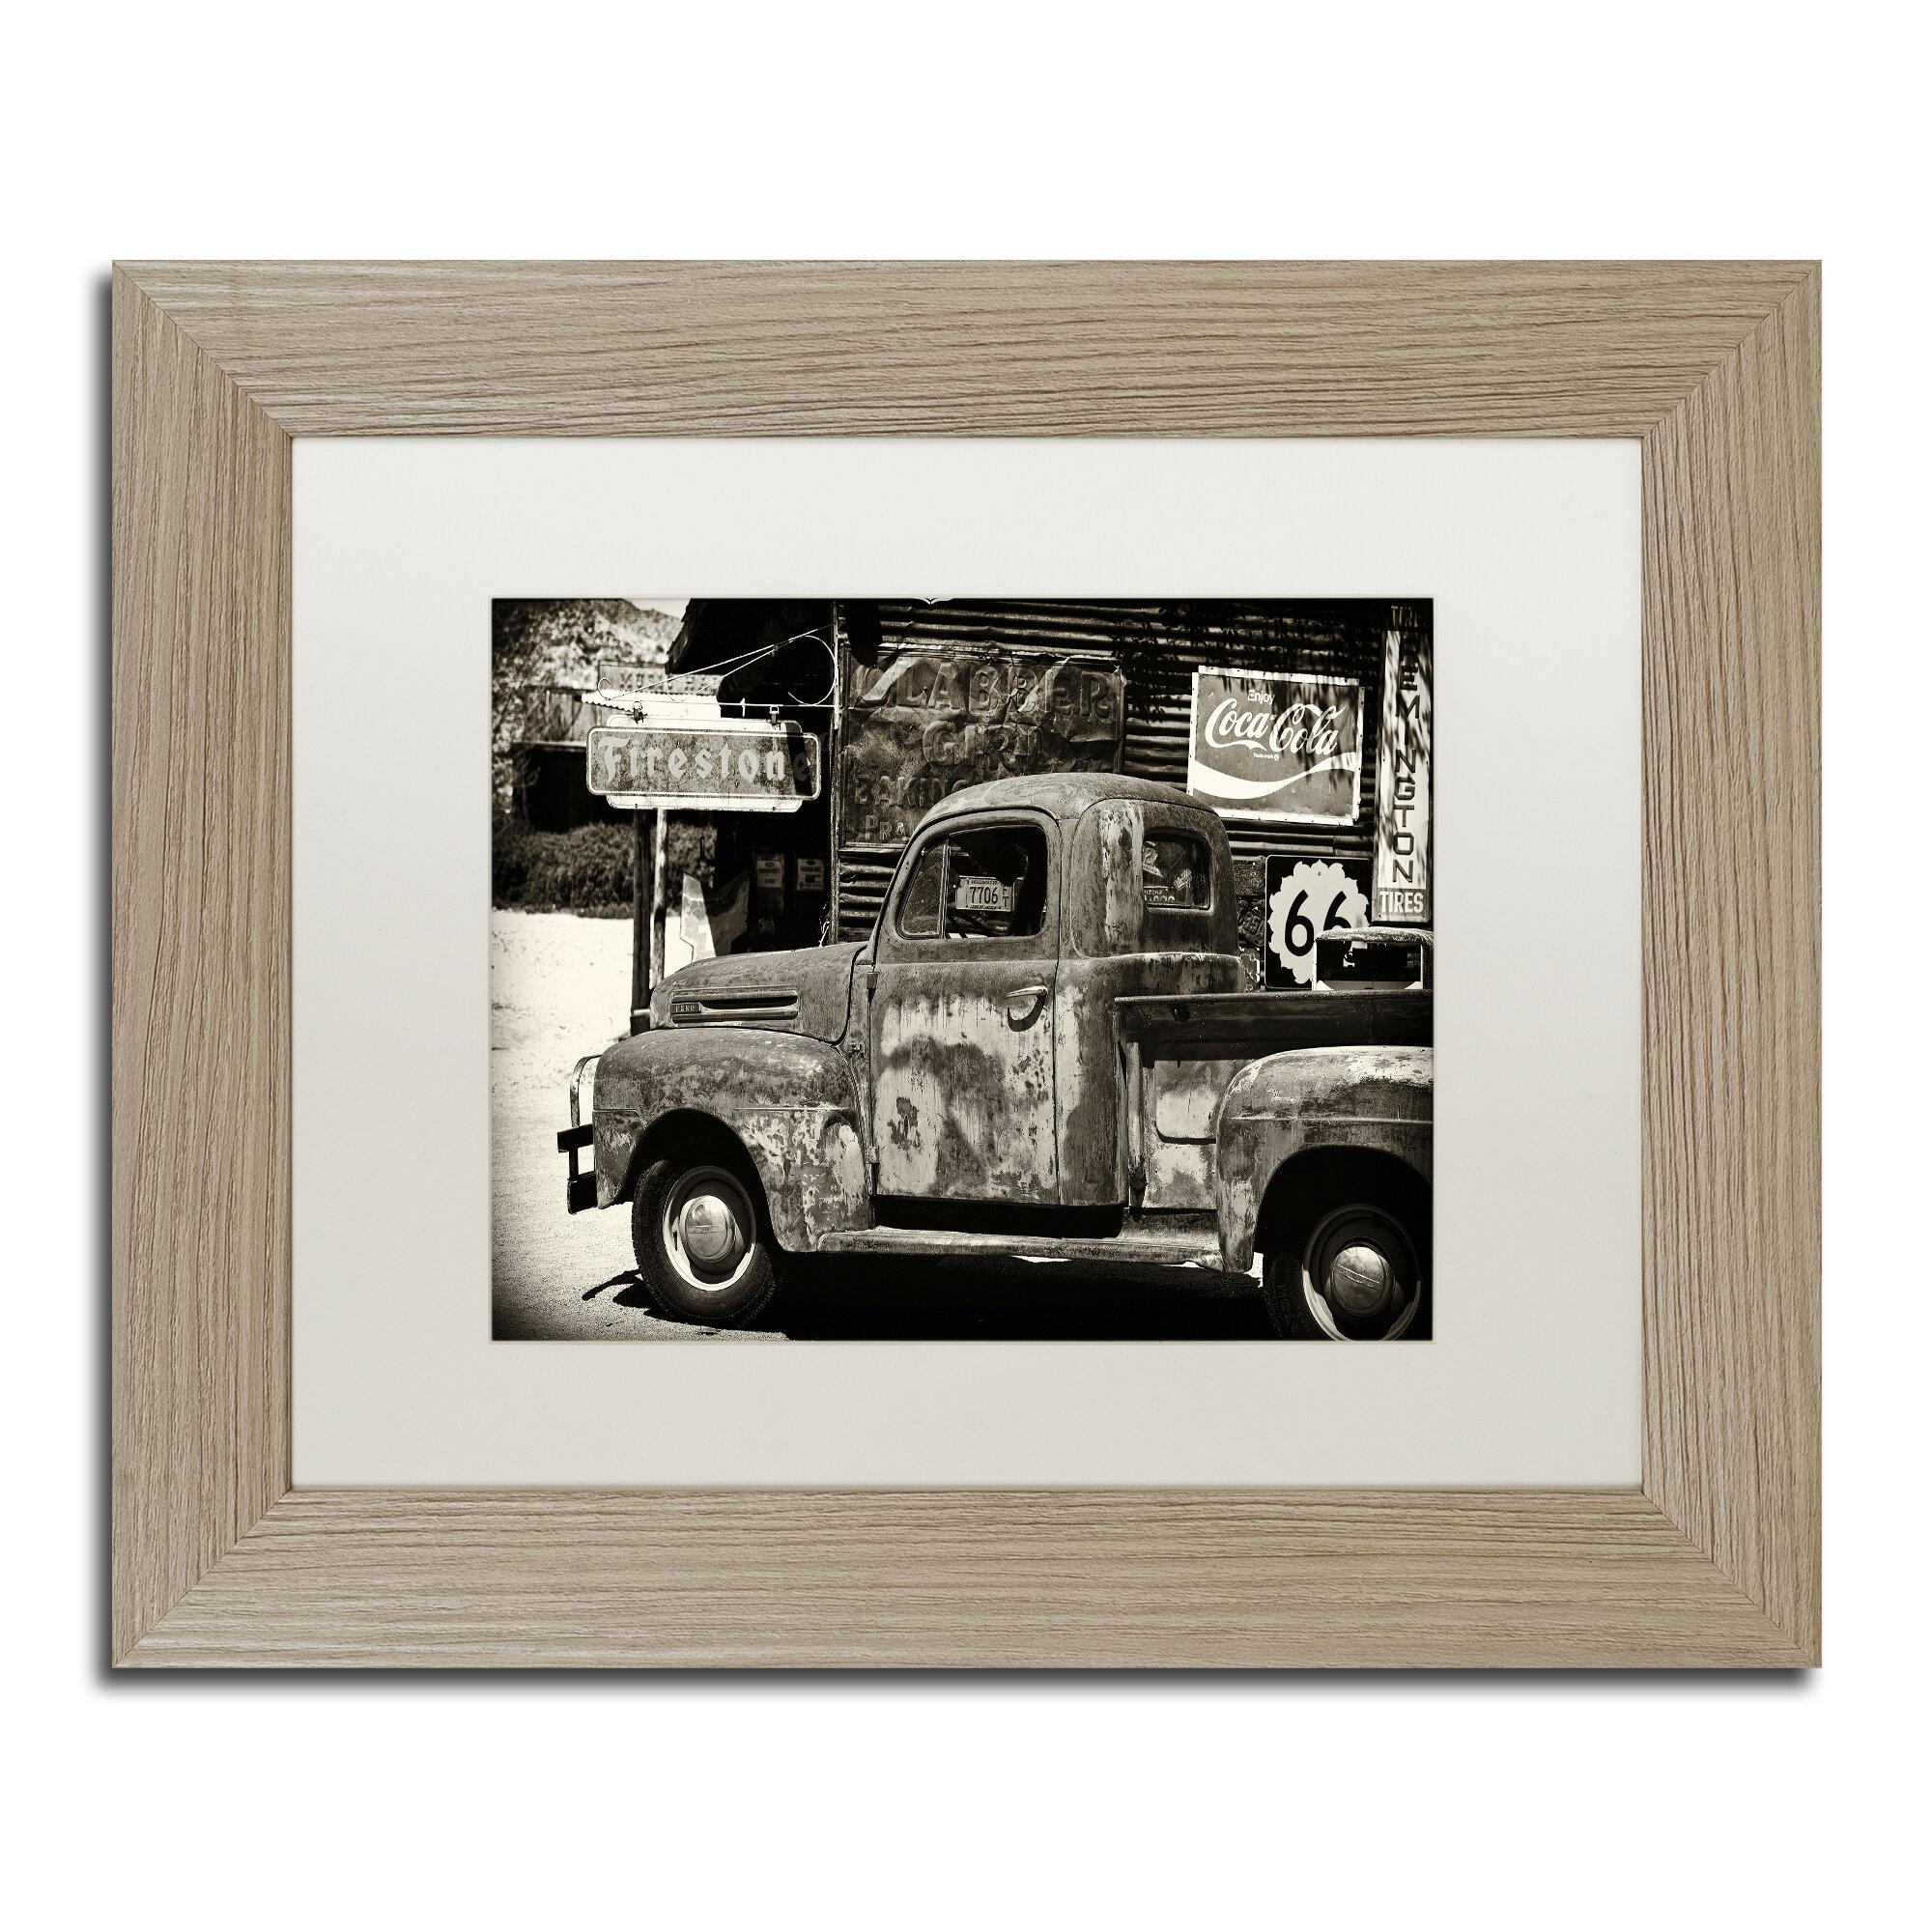 Trademark Art Us Truck Framed Photographic Print Wayfair